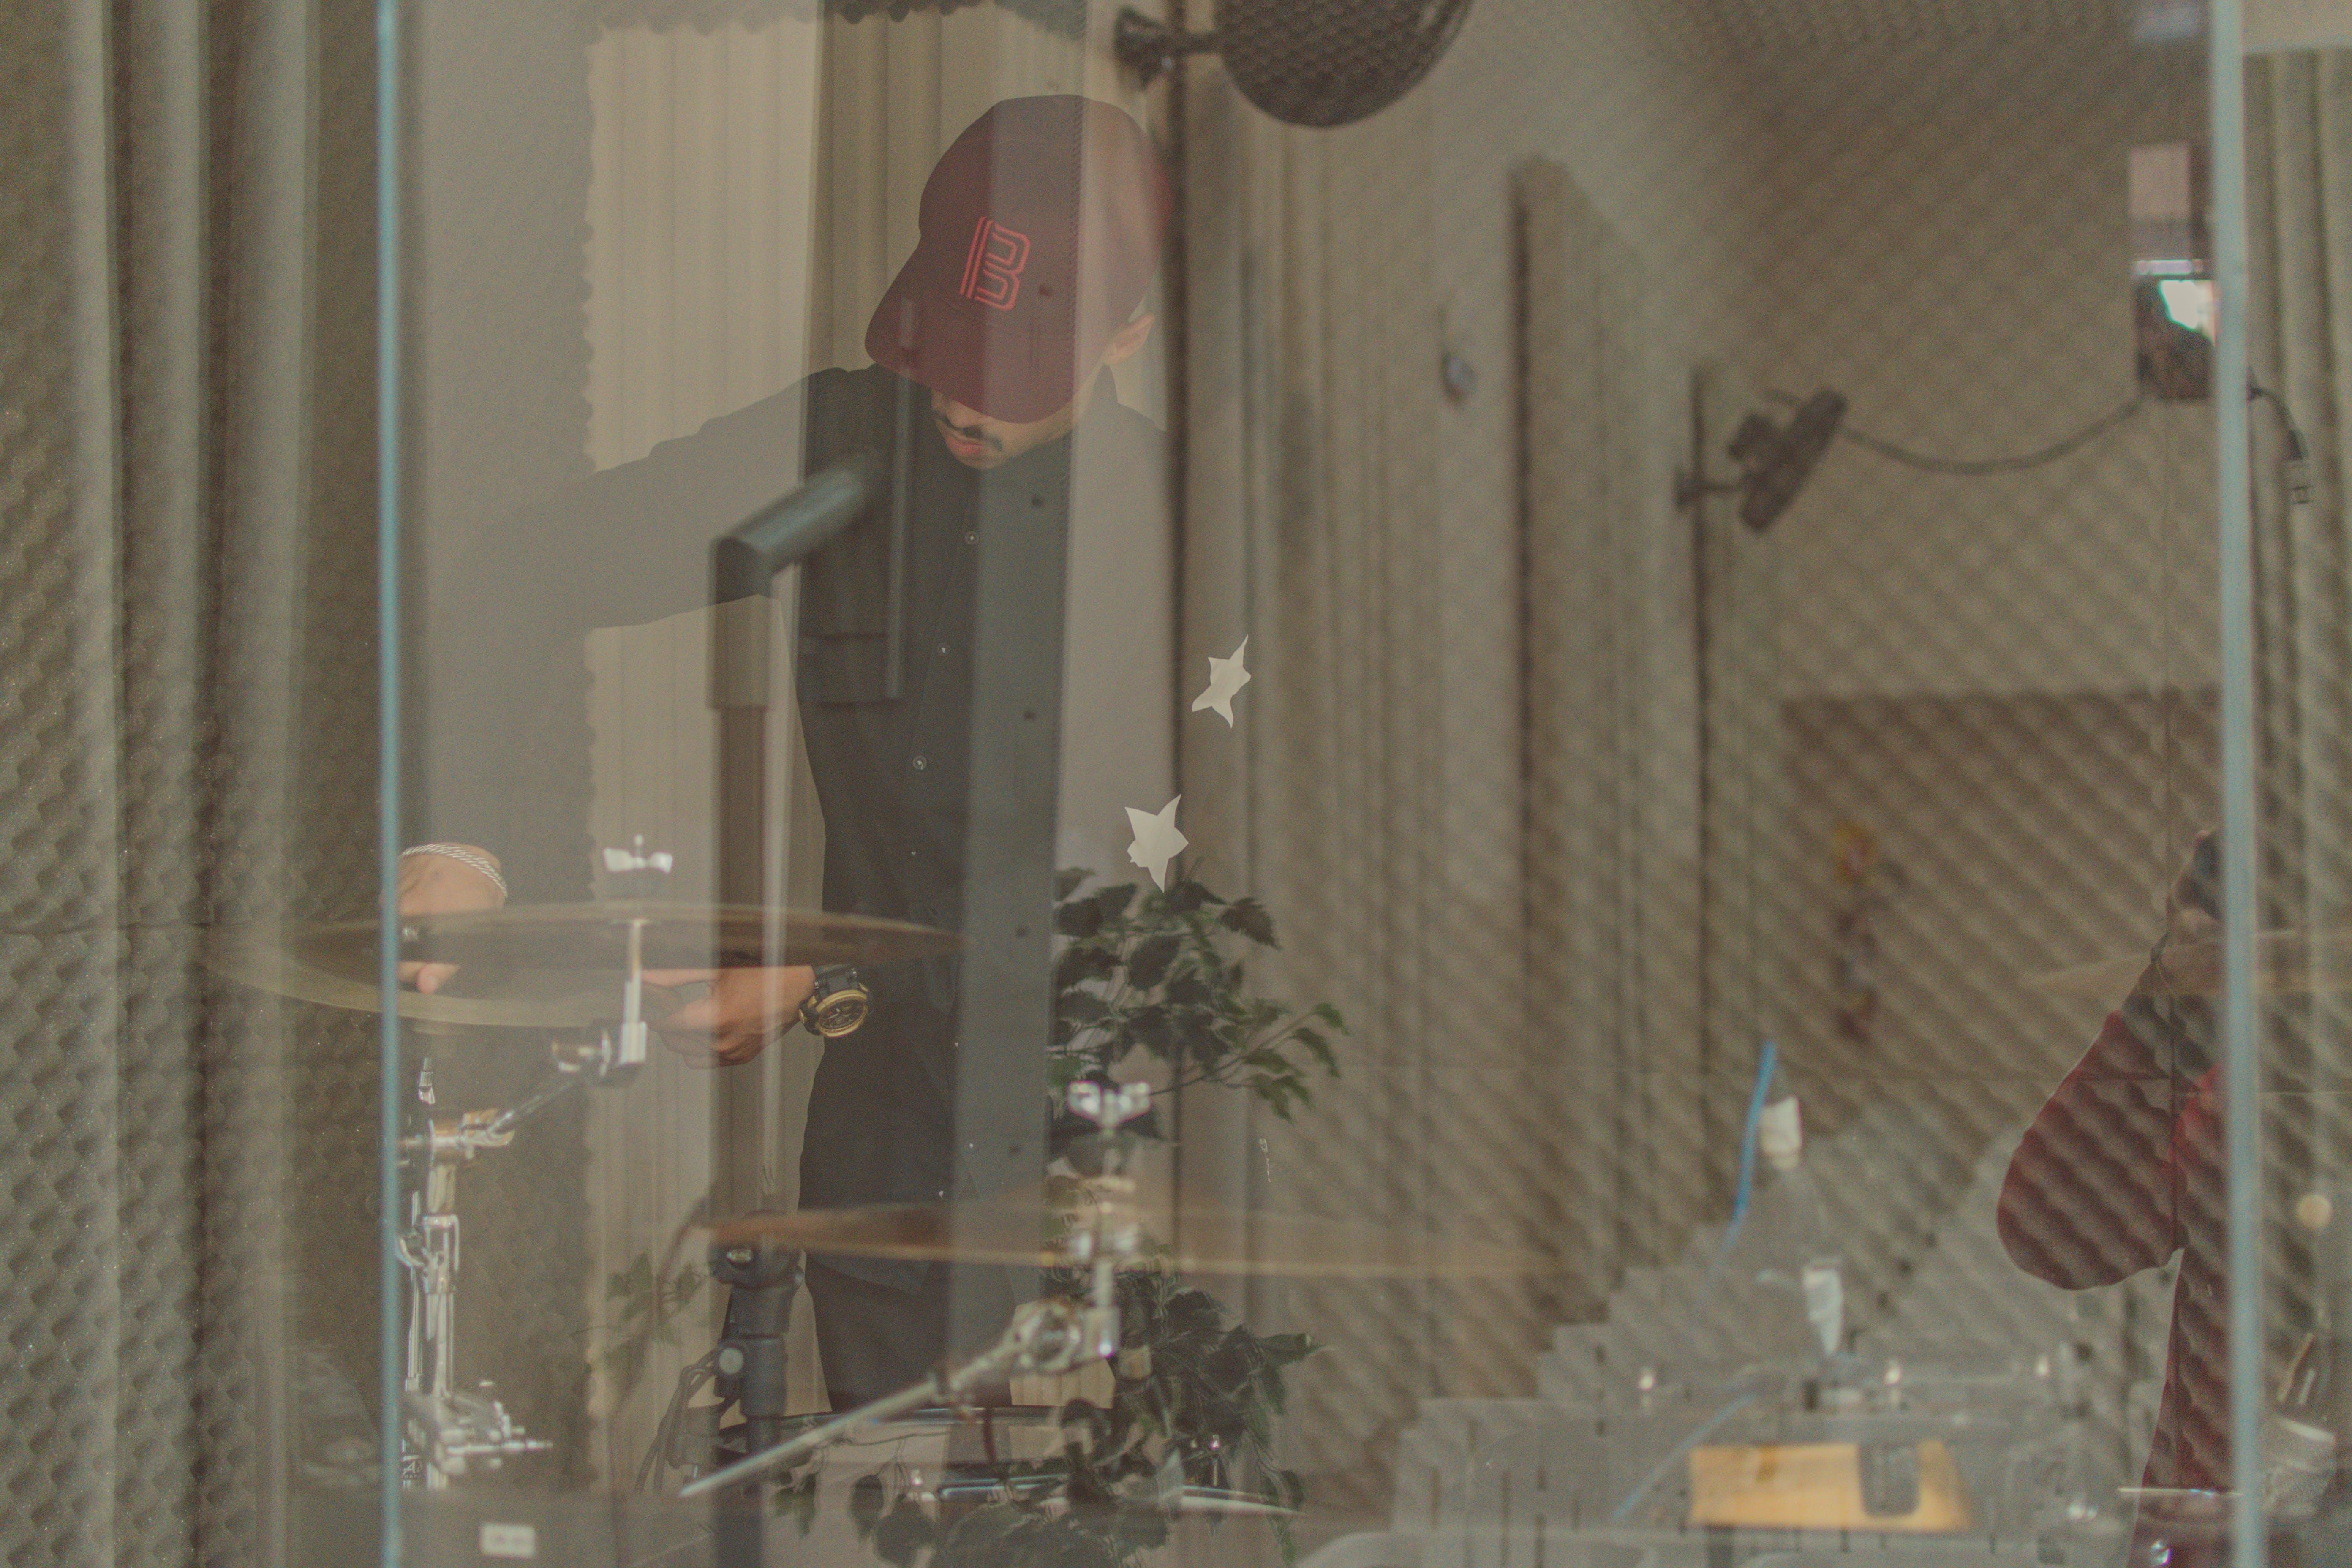 Man Standing Front of Drum in Room